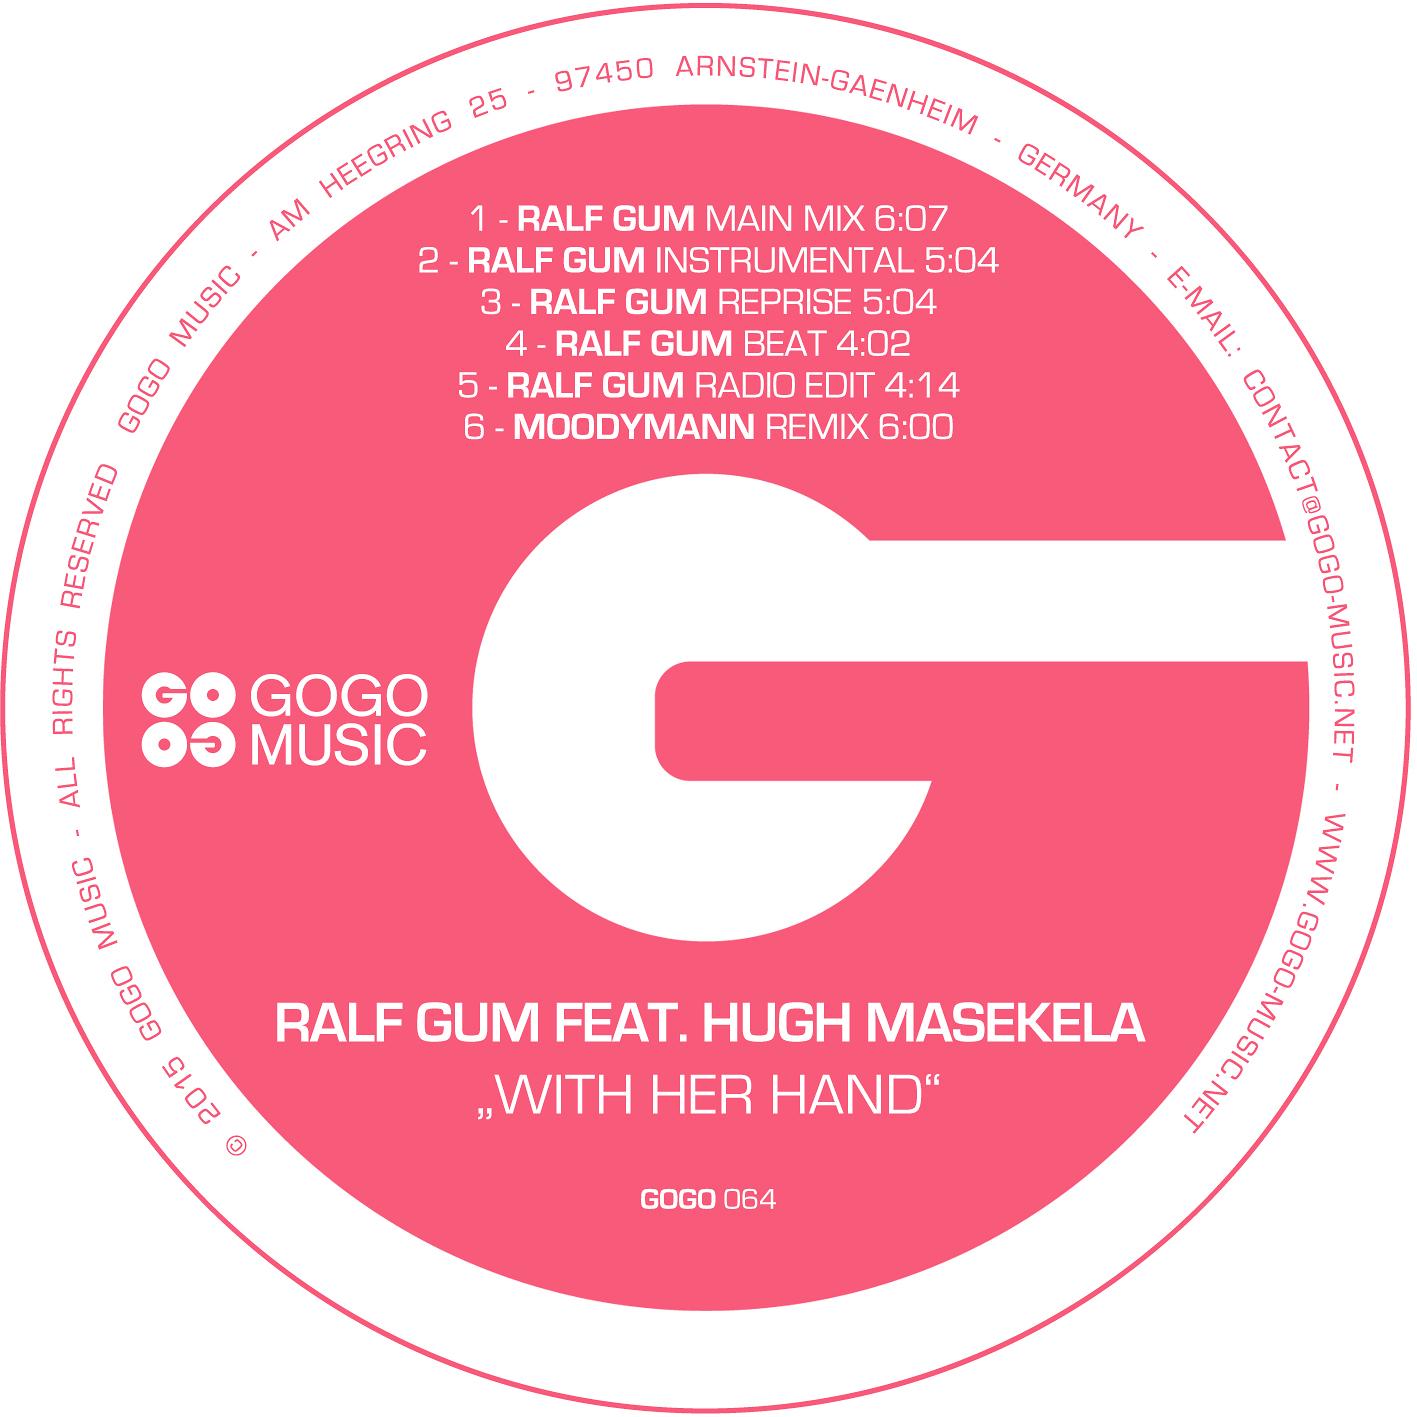 GOGO-064-CD-Sticker